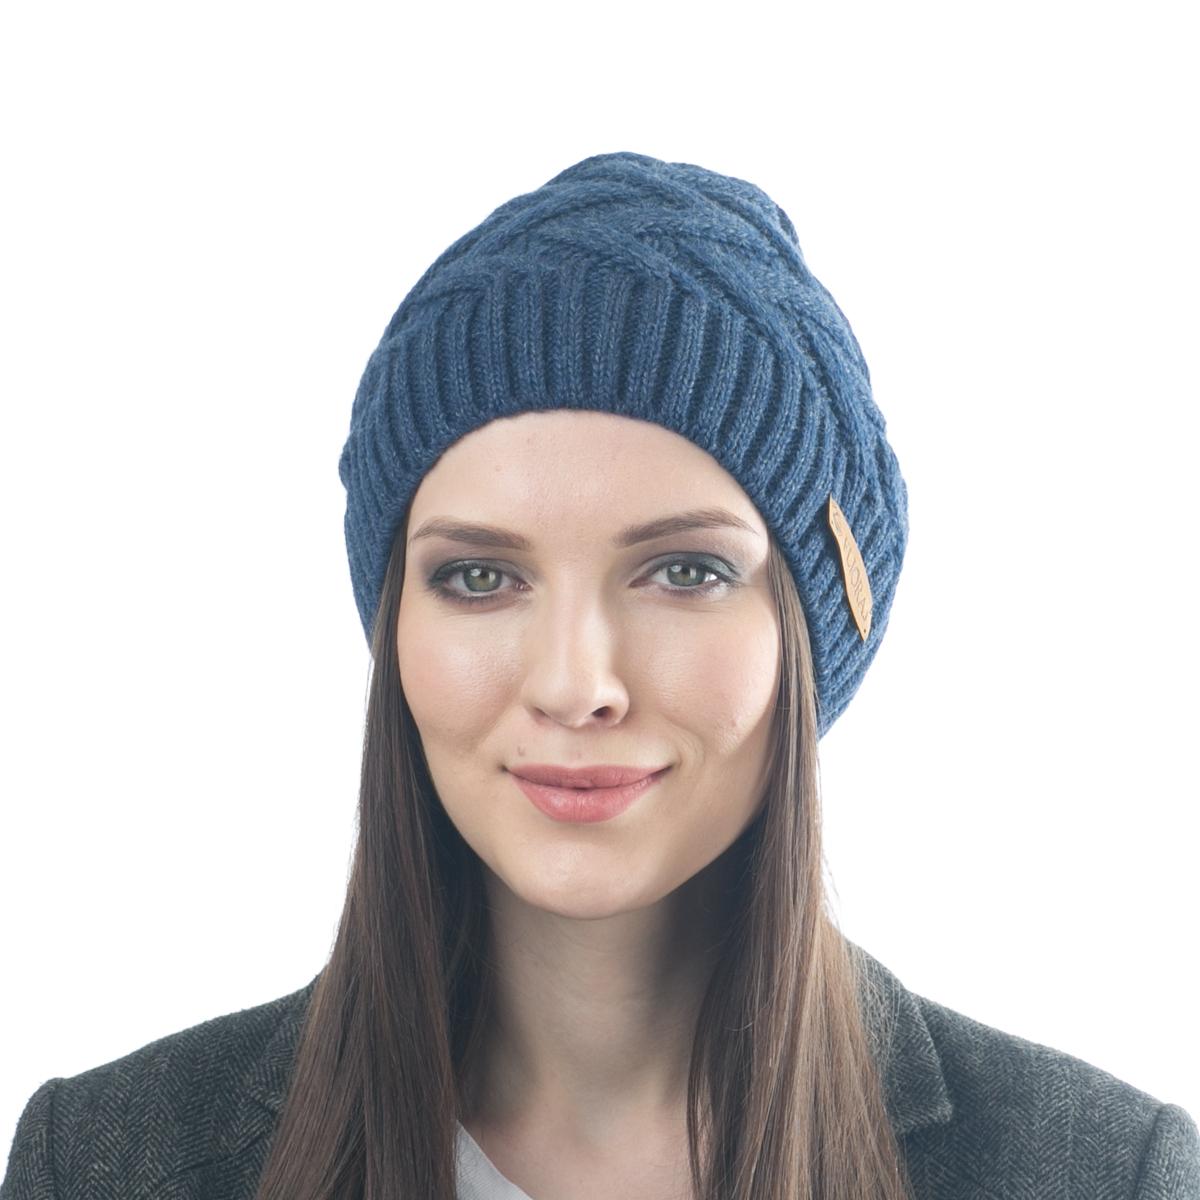 Шапка женская Flioraj, цвет: индиго. 012FJ. Размер 56/58012FJСтильная теплая шапка от Flioraj, связанная из овечьей шерсти и шерсти горной альпаки, отлично согреет в холодную погоду. Состав пряжи делает изделие мягким, теплым и комфортным. Модель выполнена рельефной вязкой и украшена нашивкой из натуральной кожи.